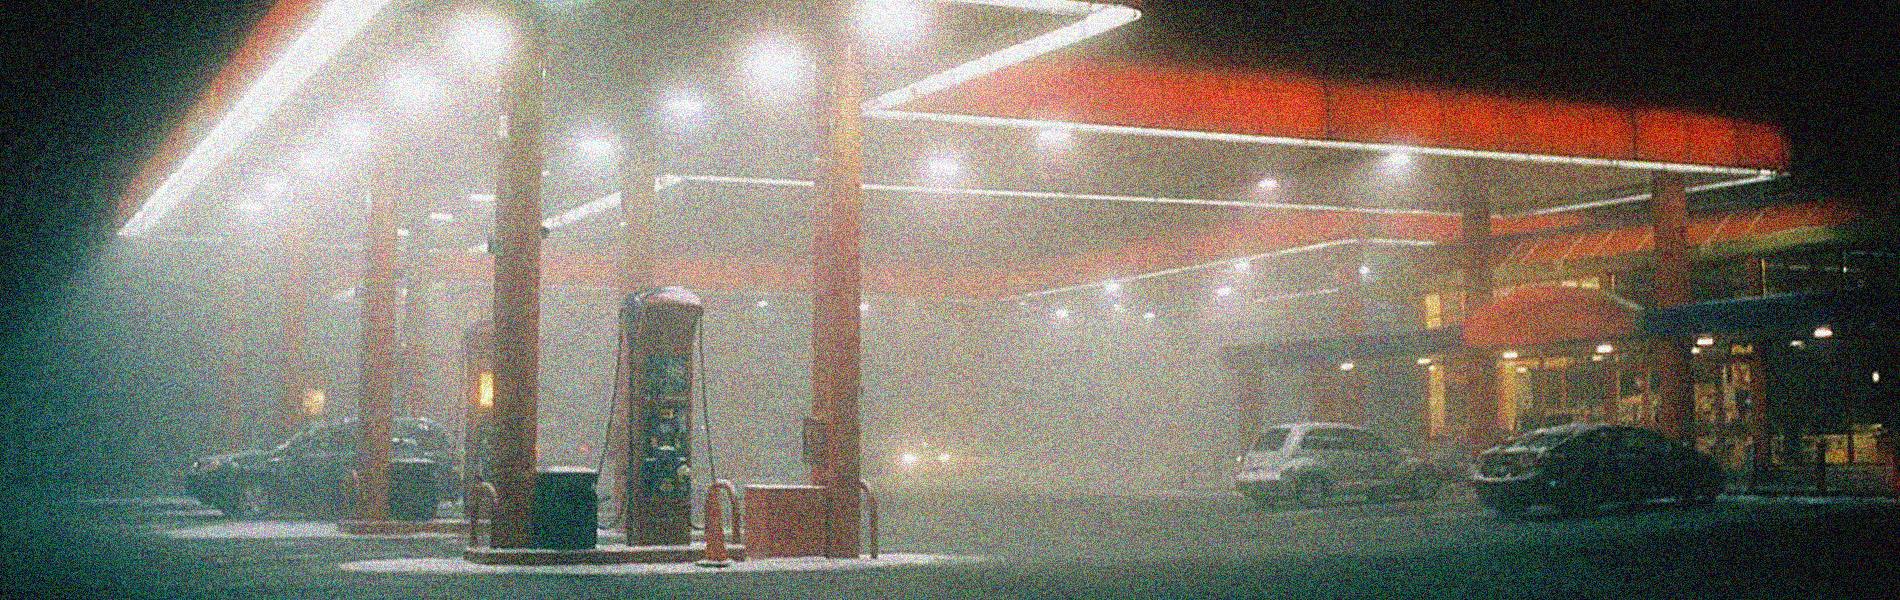 Petrolandia – A Mighty Combination